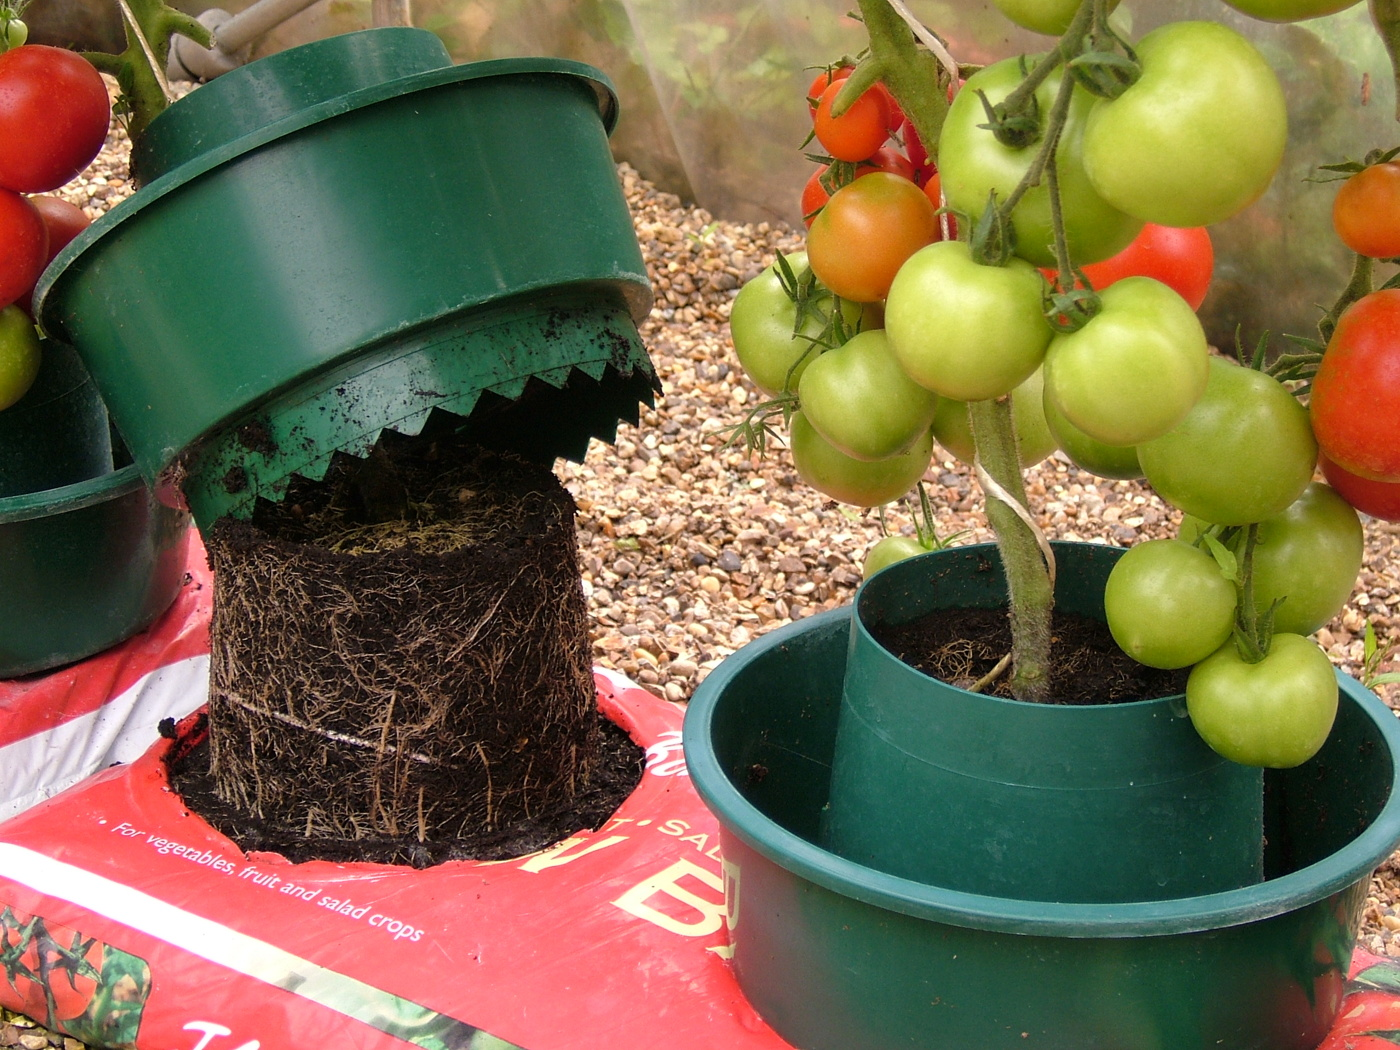 Tomat odling med odlingssystem i jordsäcken